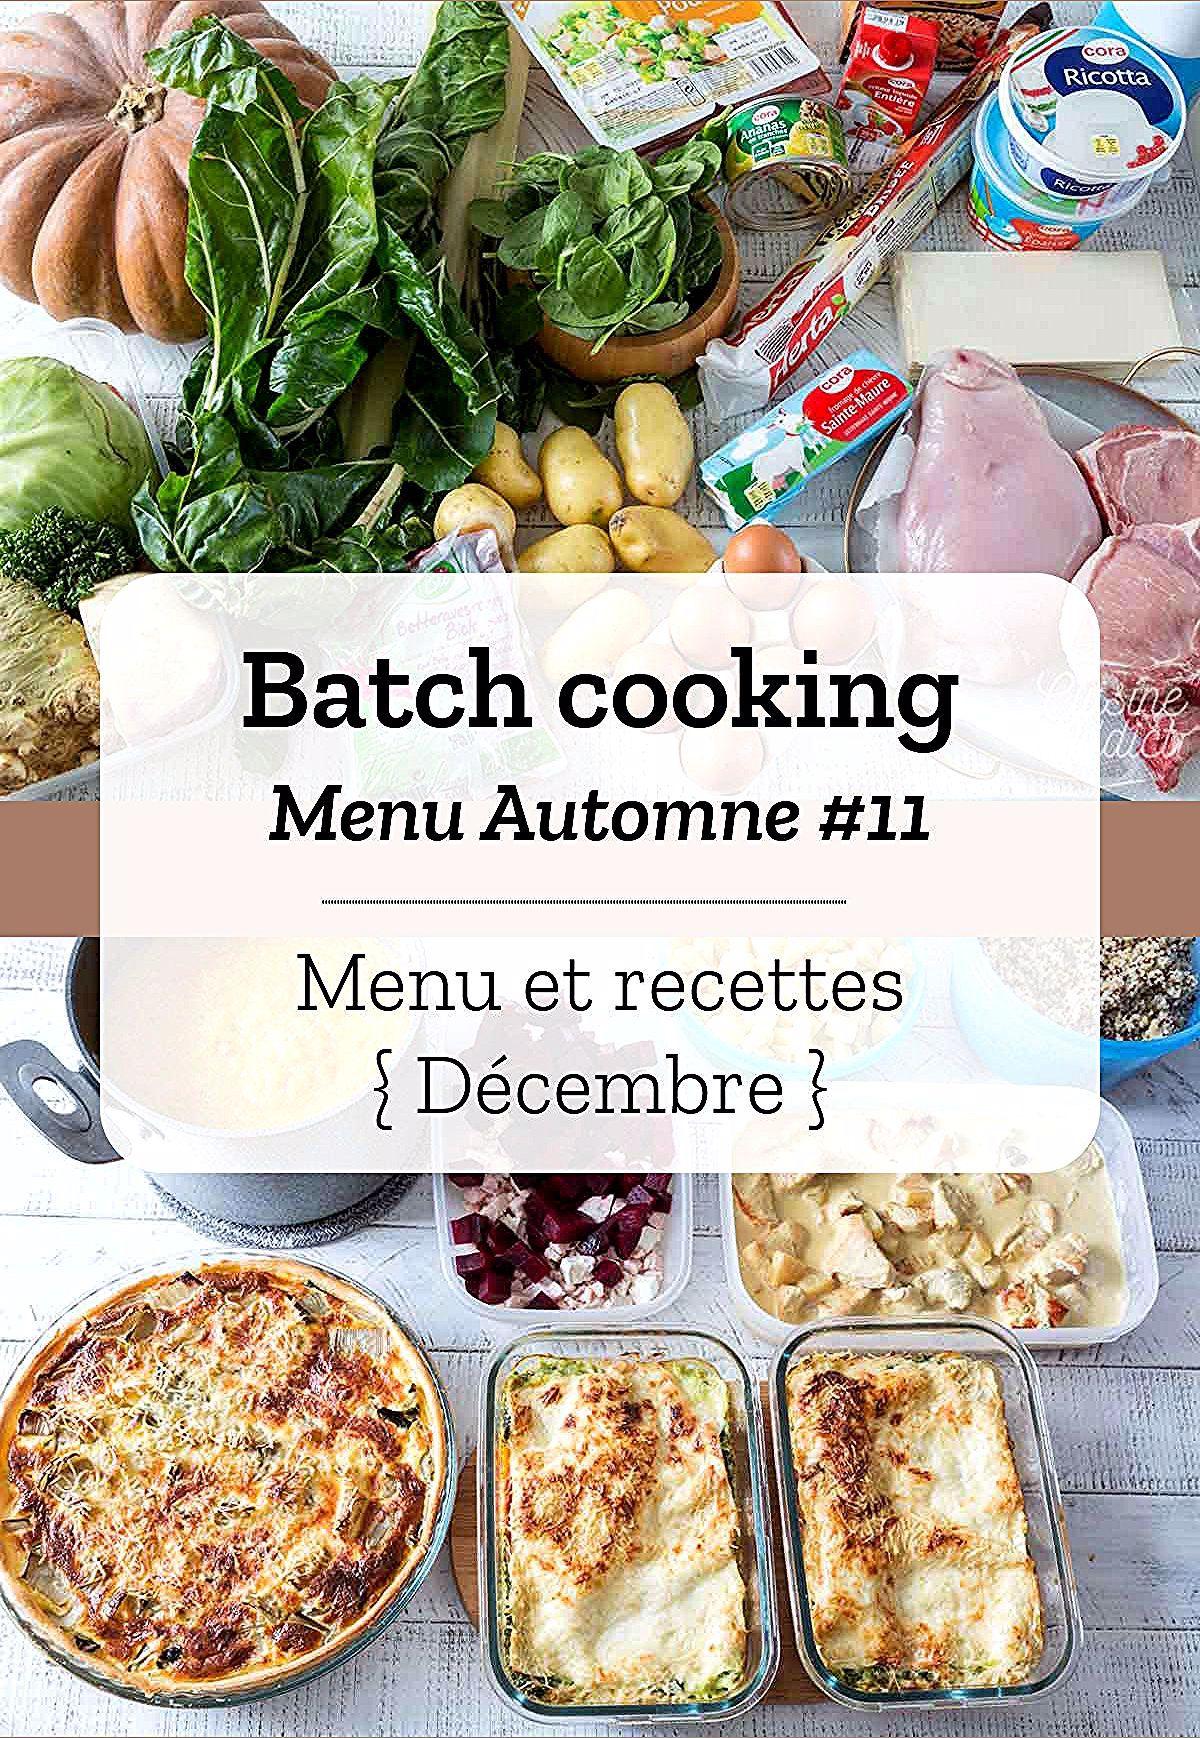 Batch cooking Automne #11 en 2020 | Recettes de cuisine ...